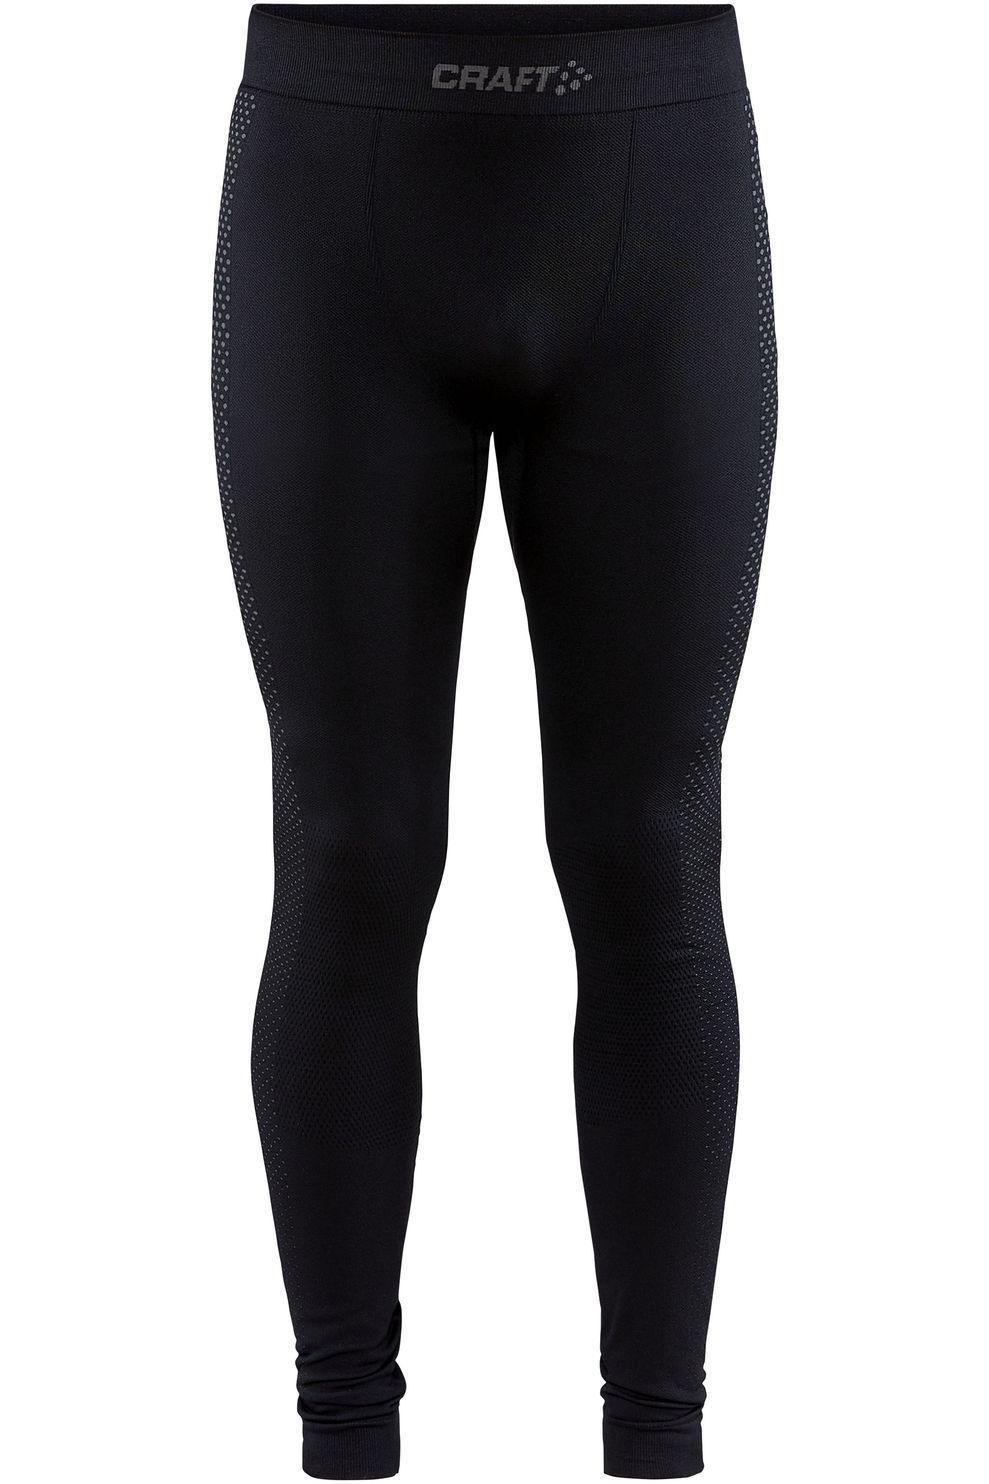 Craft Legging Adv Fuseknit Intensity voor heren - Zwart - Maten: XS, S, M, L, XL, XXL - Nieuwe colle